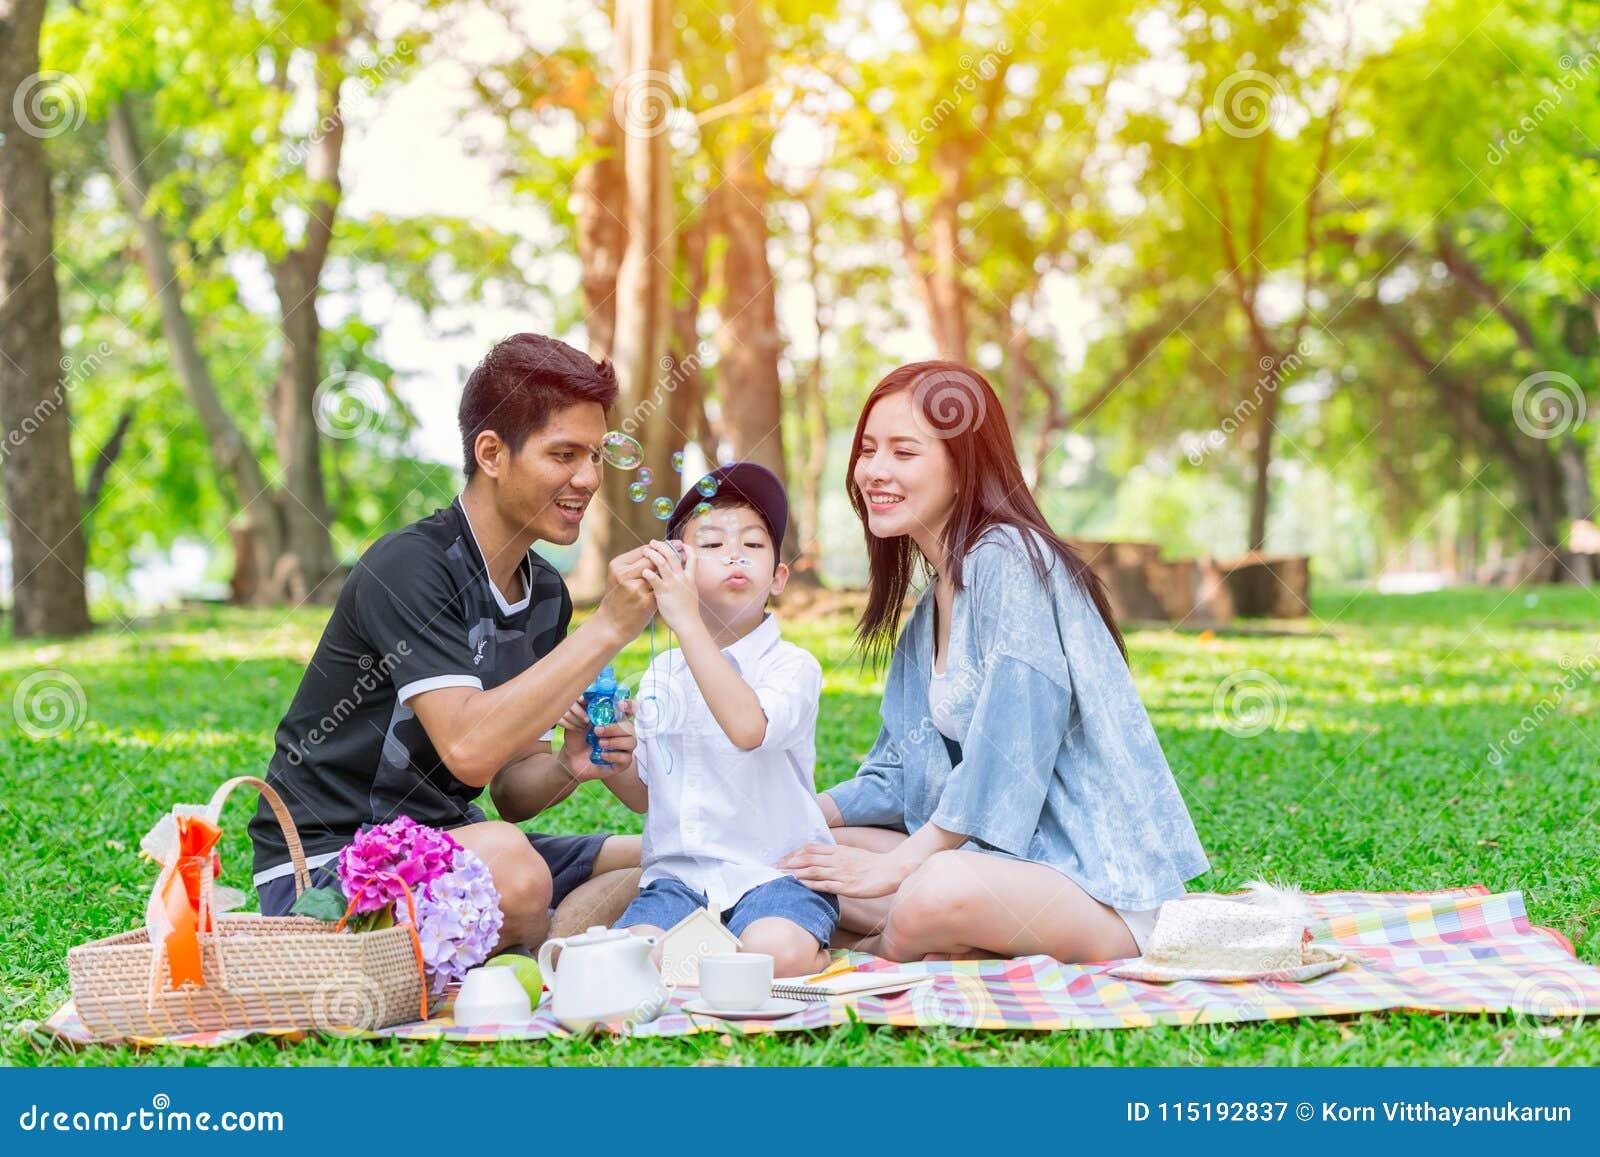 Asian teen family one kid happy holiday picnic